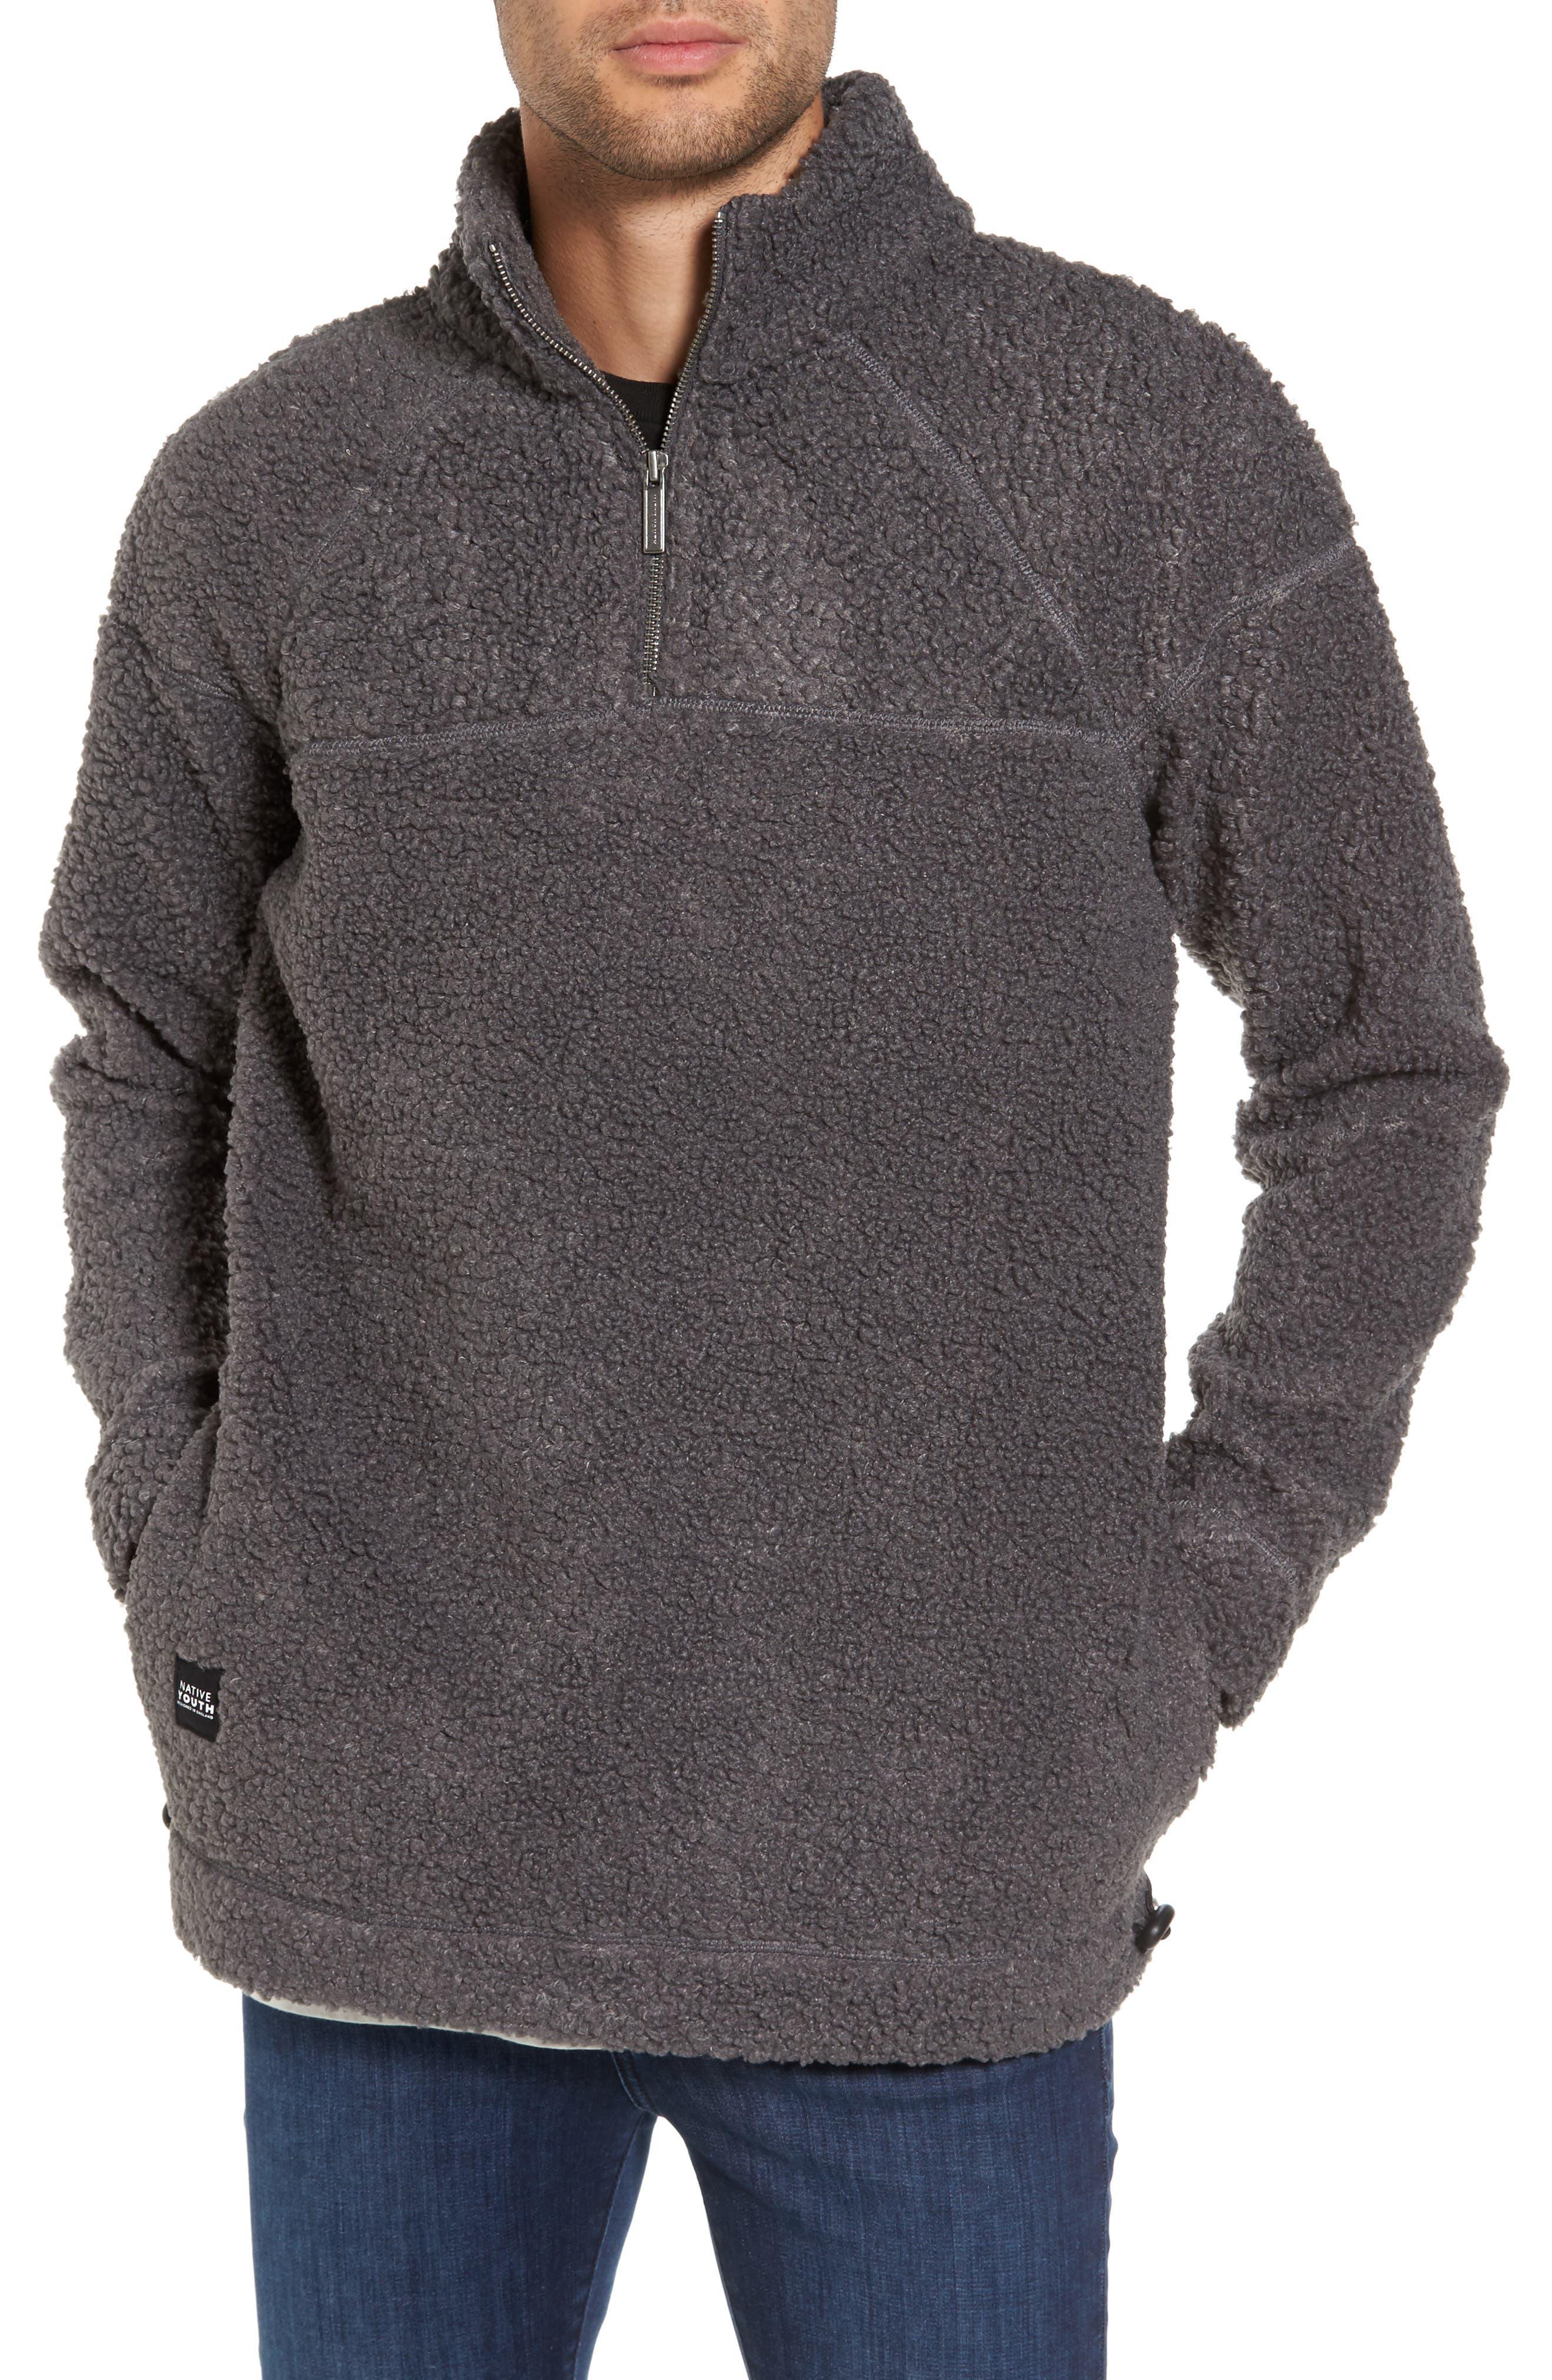 Warlock Faux Shearling Quarter Zip Sweater,                         Main,                         color, Charcoal